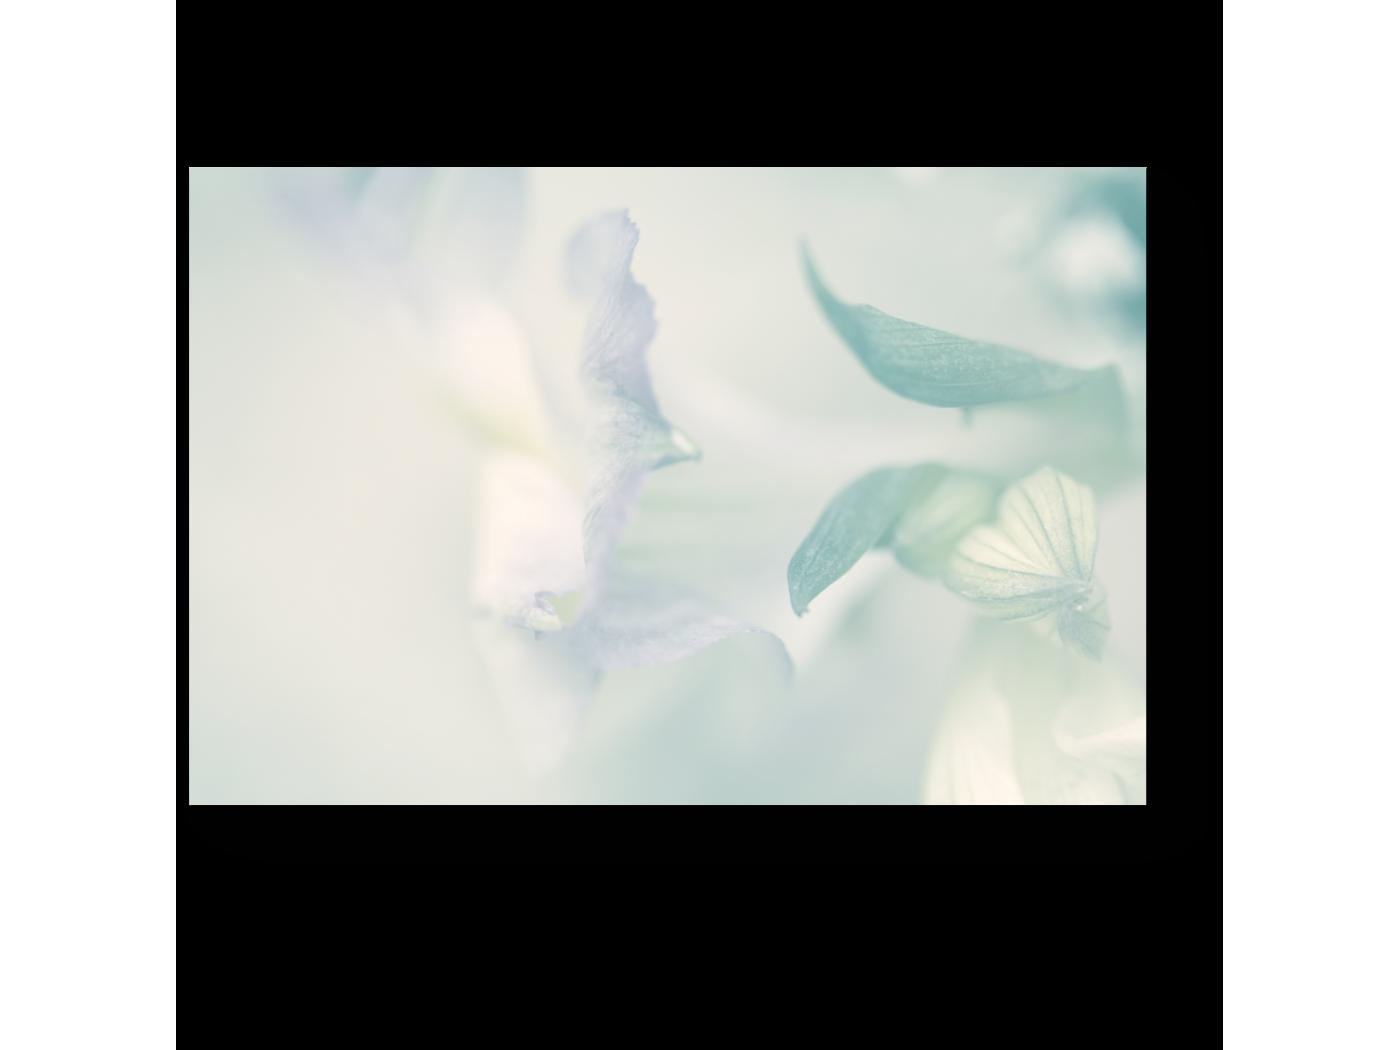 Модульная картина Воздушное цветение (30x20) фото